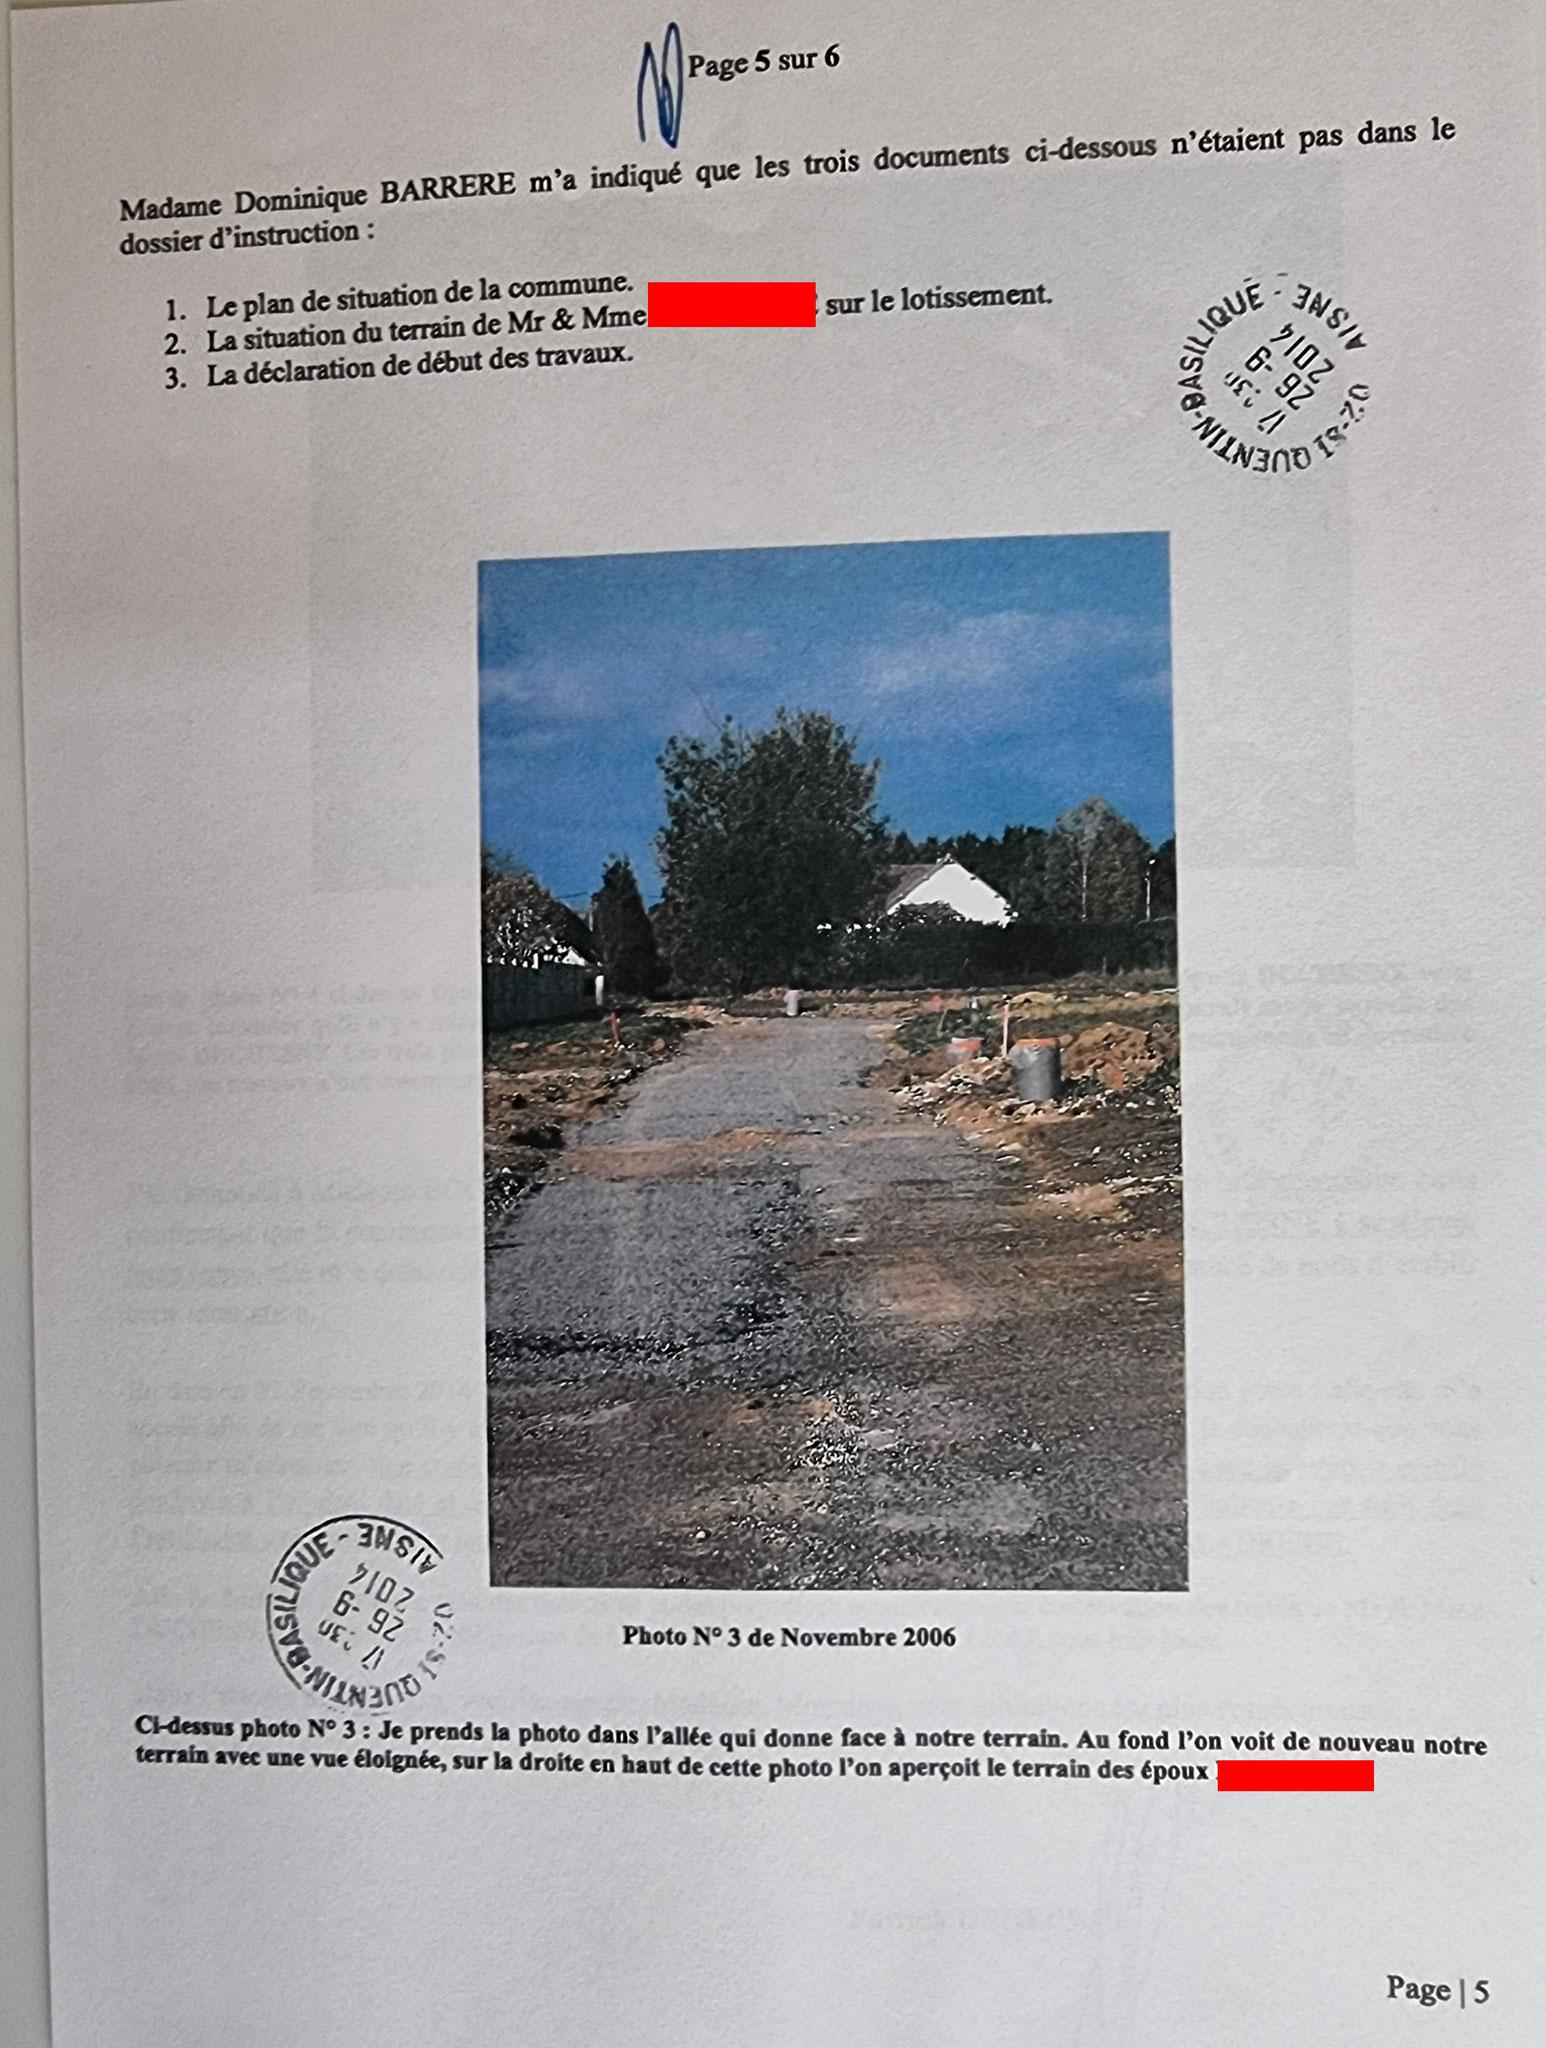 AFFAIRE MES CHERS VOISINS      Le Vendredi 26 Septembre 2014,  j'adresse une LRAR N0 1A 106 879 5912 6 de six pages en couleurs à la Communauté d'Agglomération de Saint-Quentin XB. www.jenesuispasunchien.fr www.jesuispatrick.fr www.jesuisvictime.fr